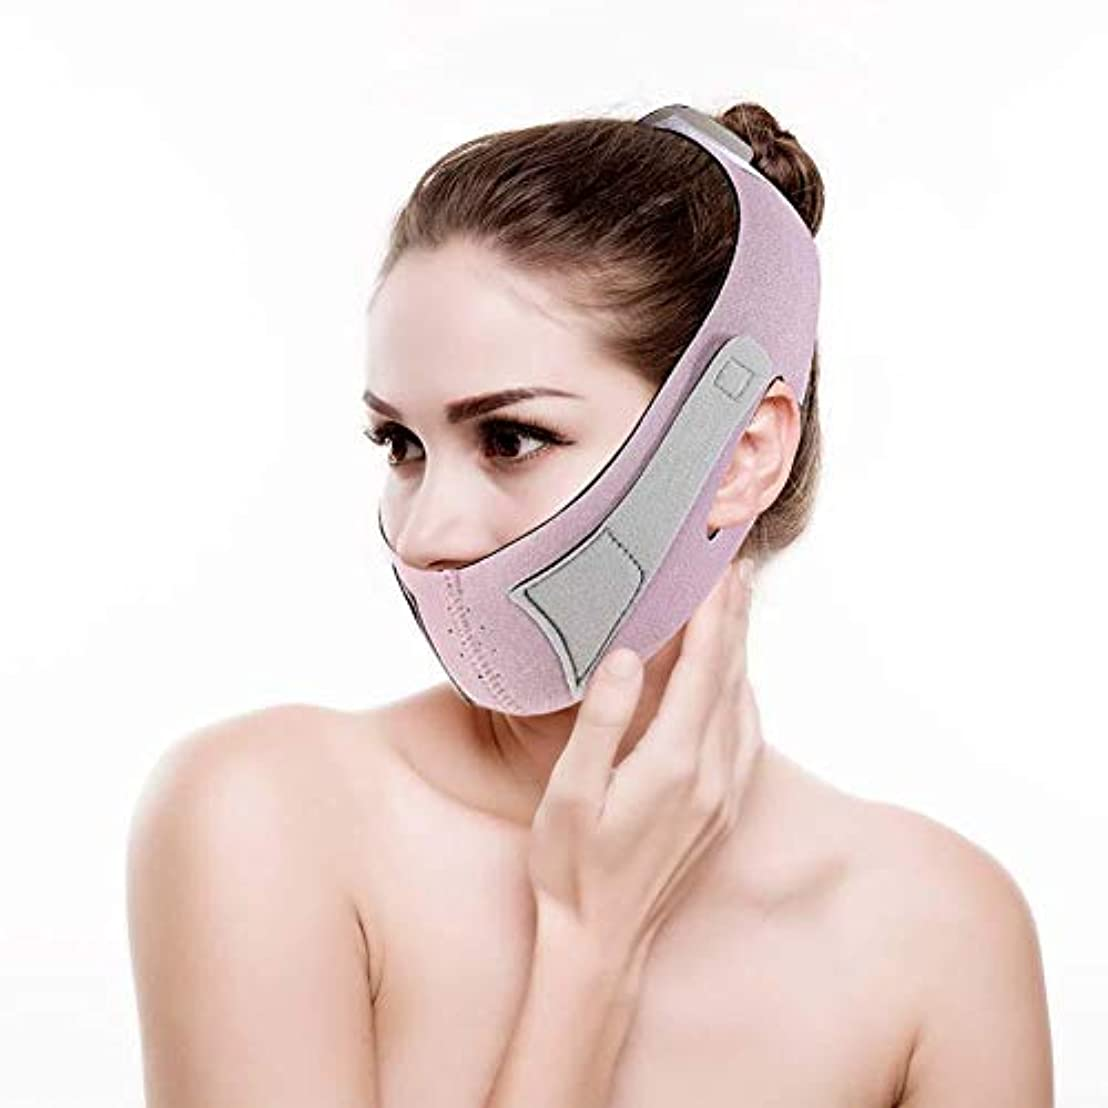 彼自身肺炎楽しませるフェイシャルスリミングマスク プロテクターカバレッジリフティング フェイス減量 ベルト減量 ダブルチェーン スキンケア(1)